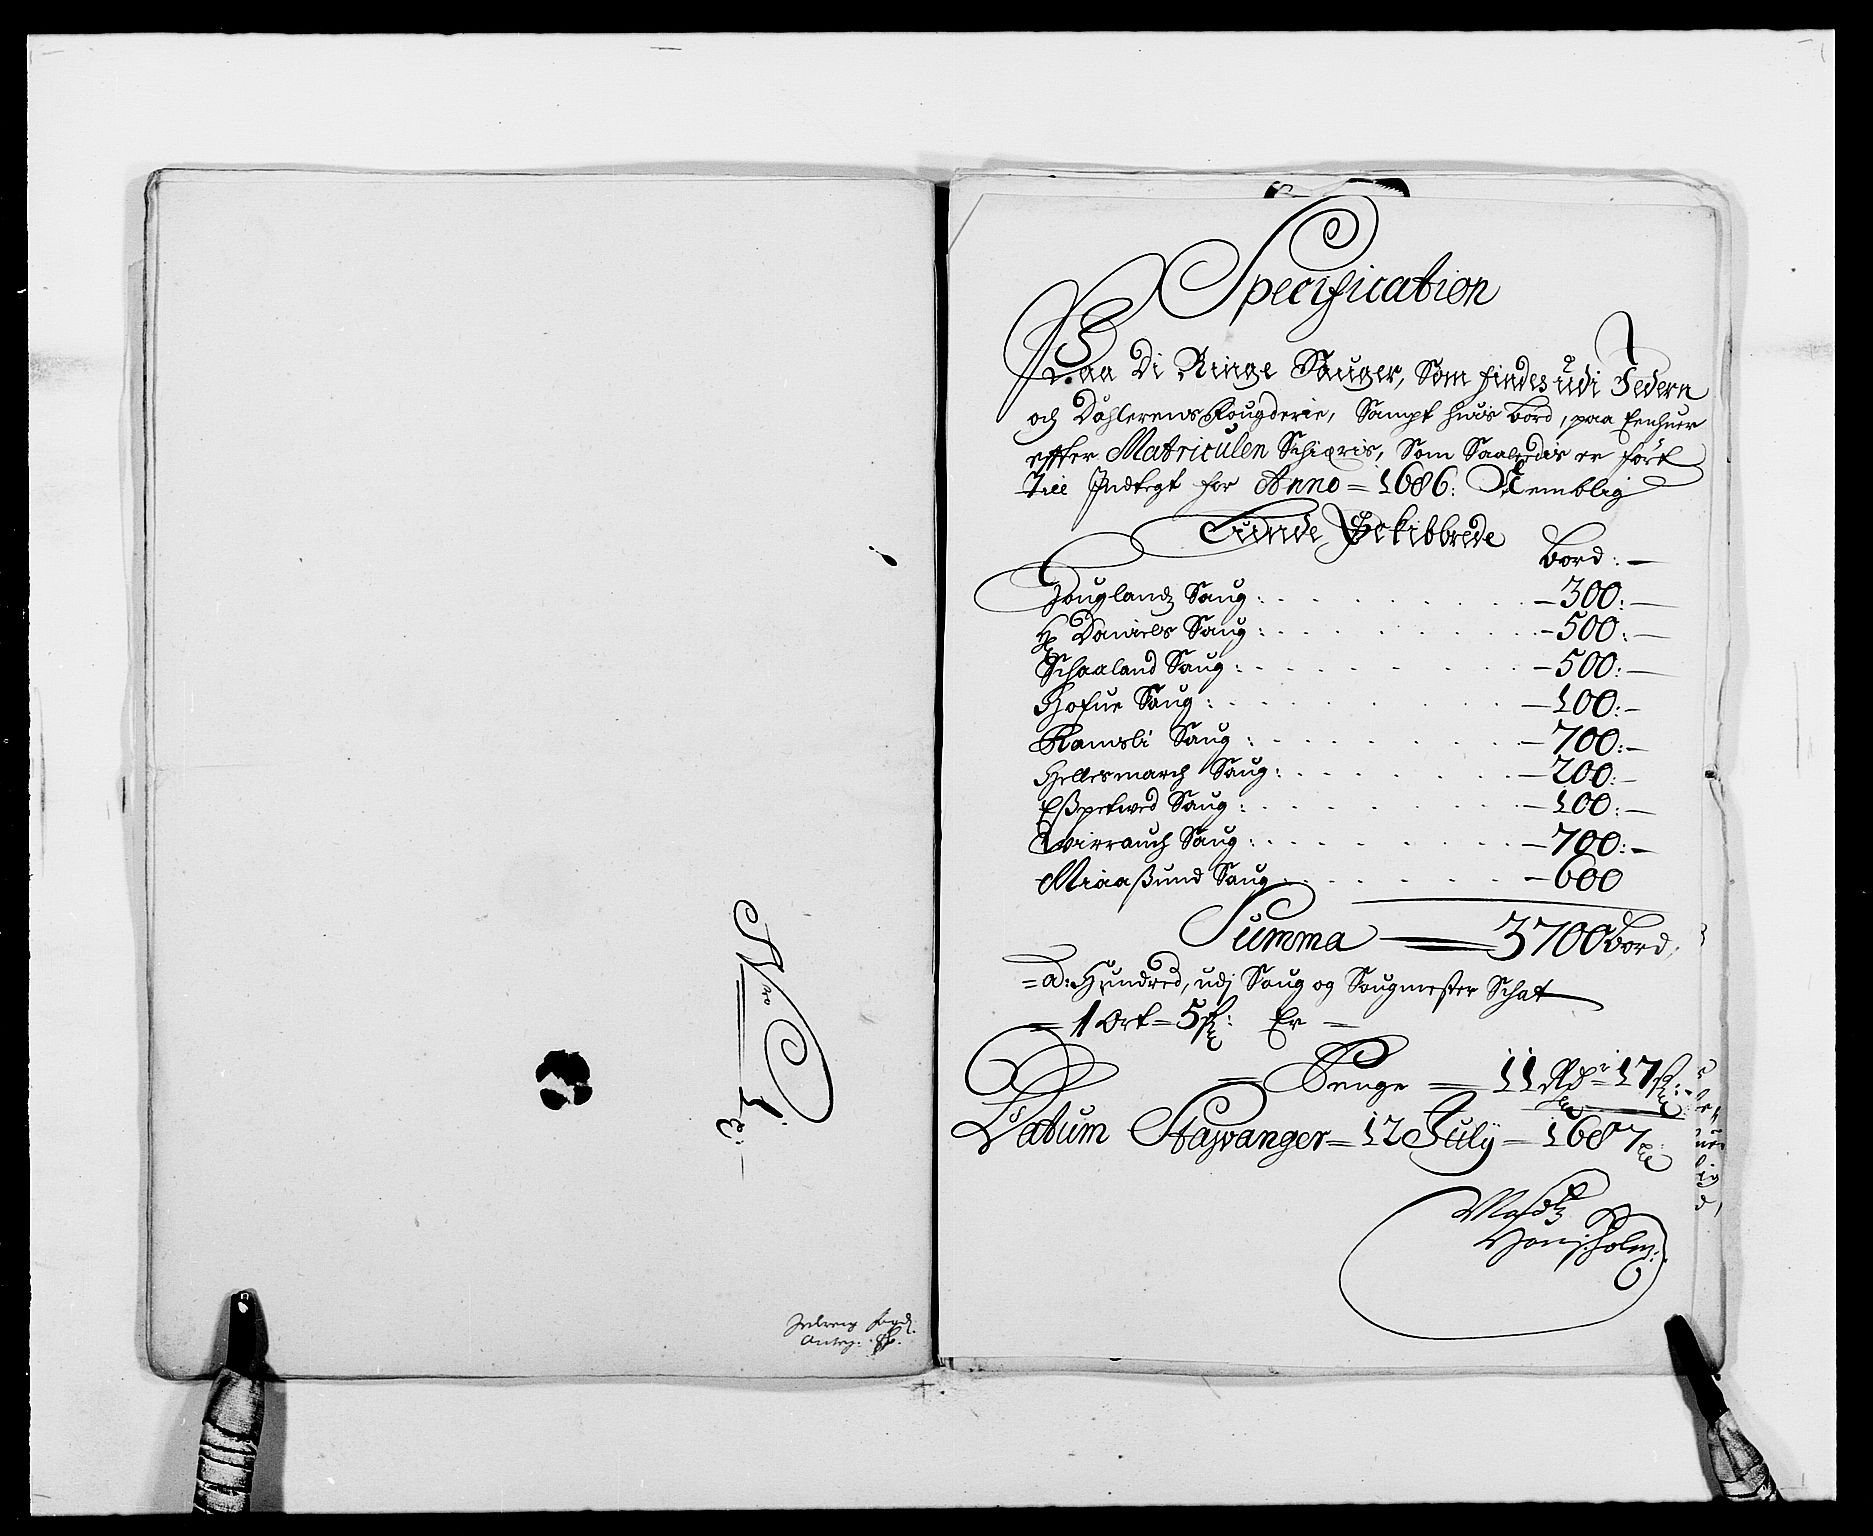 RA, Rentekammeret inntil 1814, Reviderte regnskaper, Fogderegnskap, R46/L2726: Fogderegnskap Jæren og Dalane, 1686-1689, s. 121